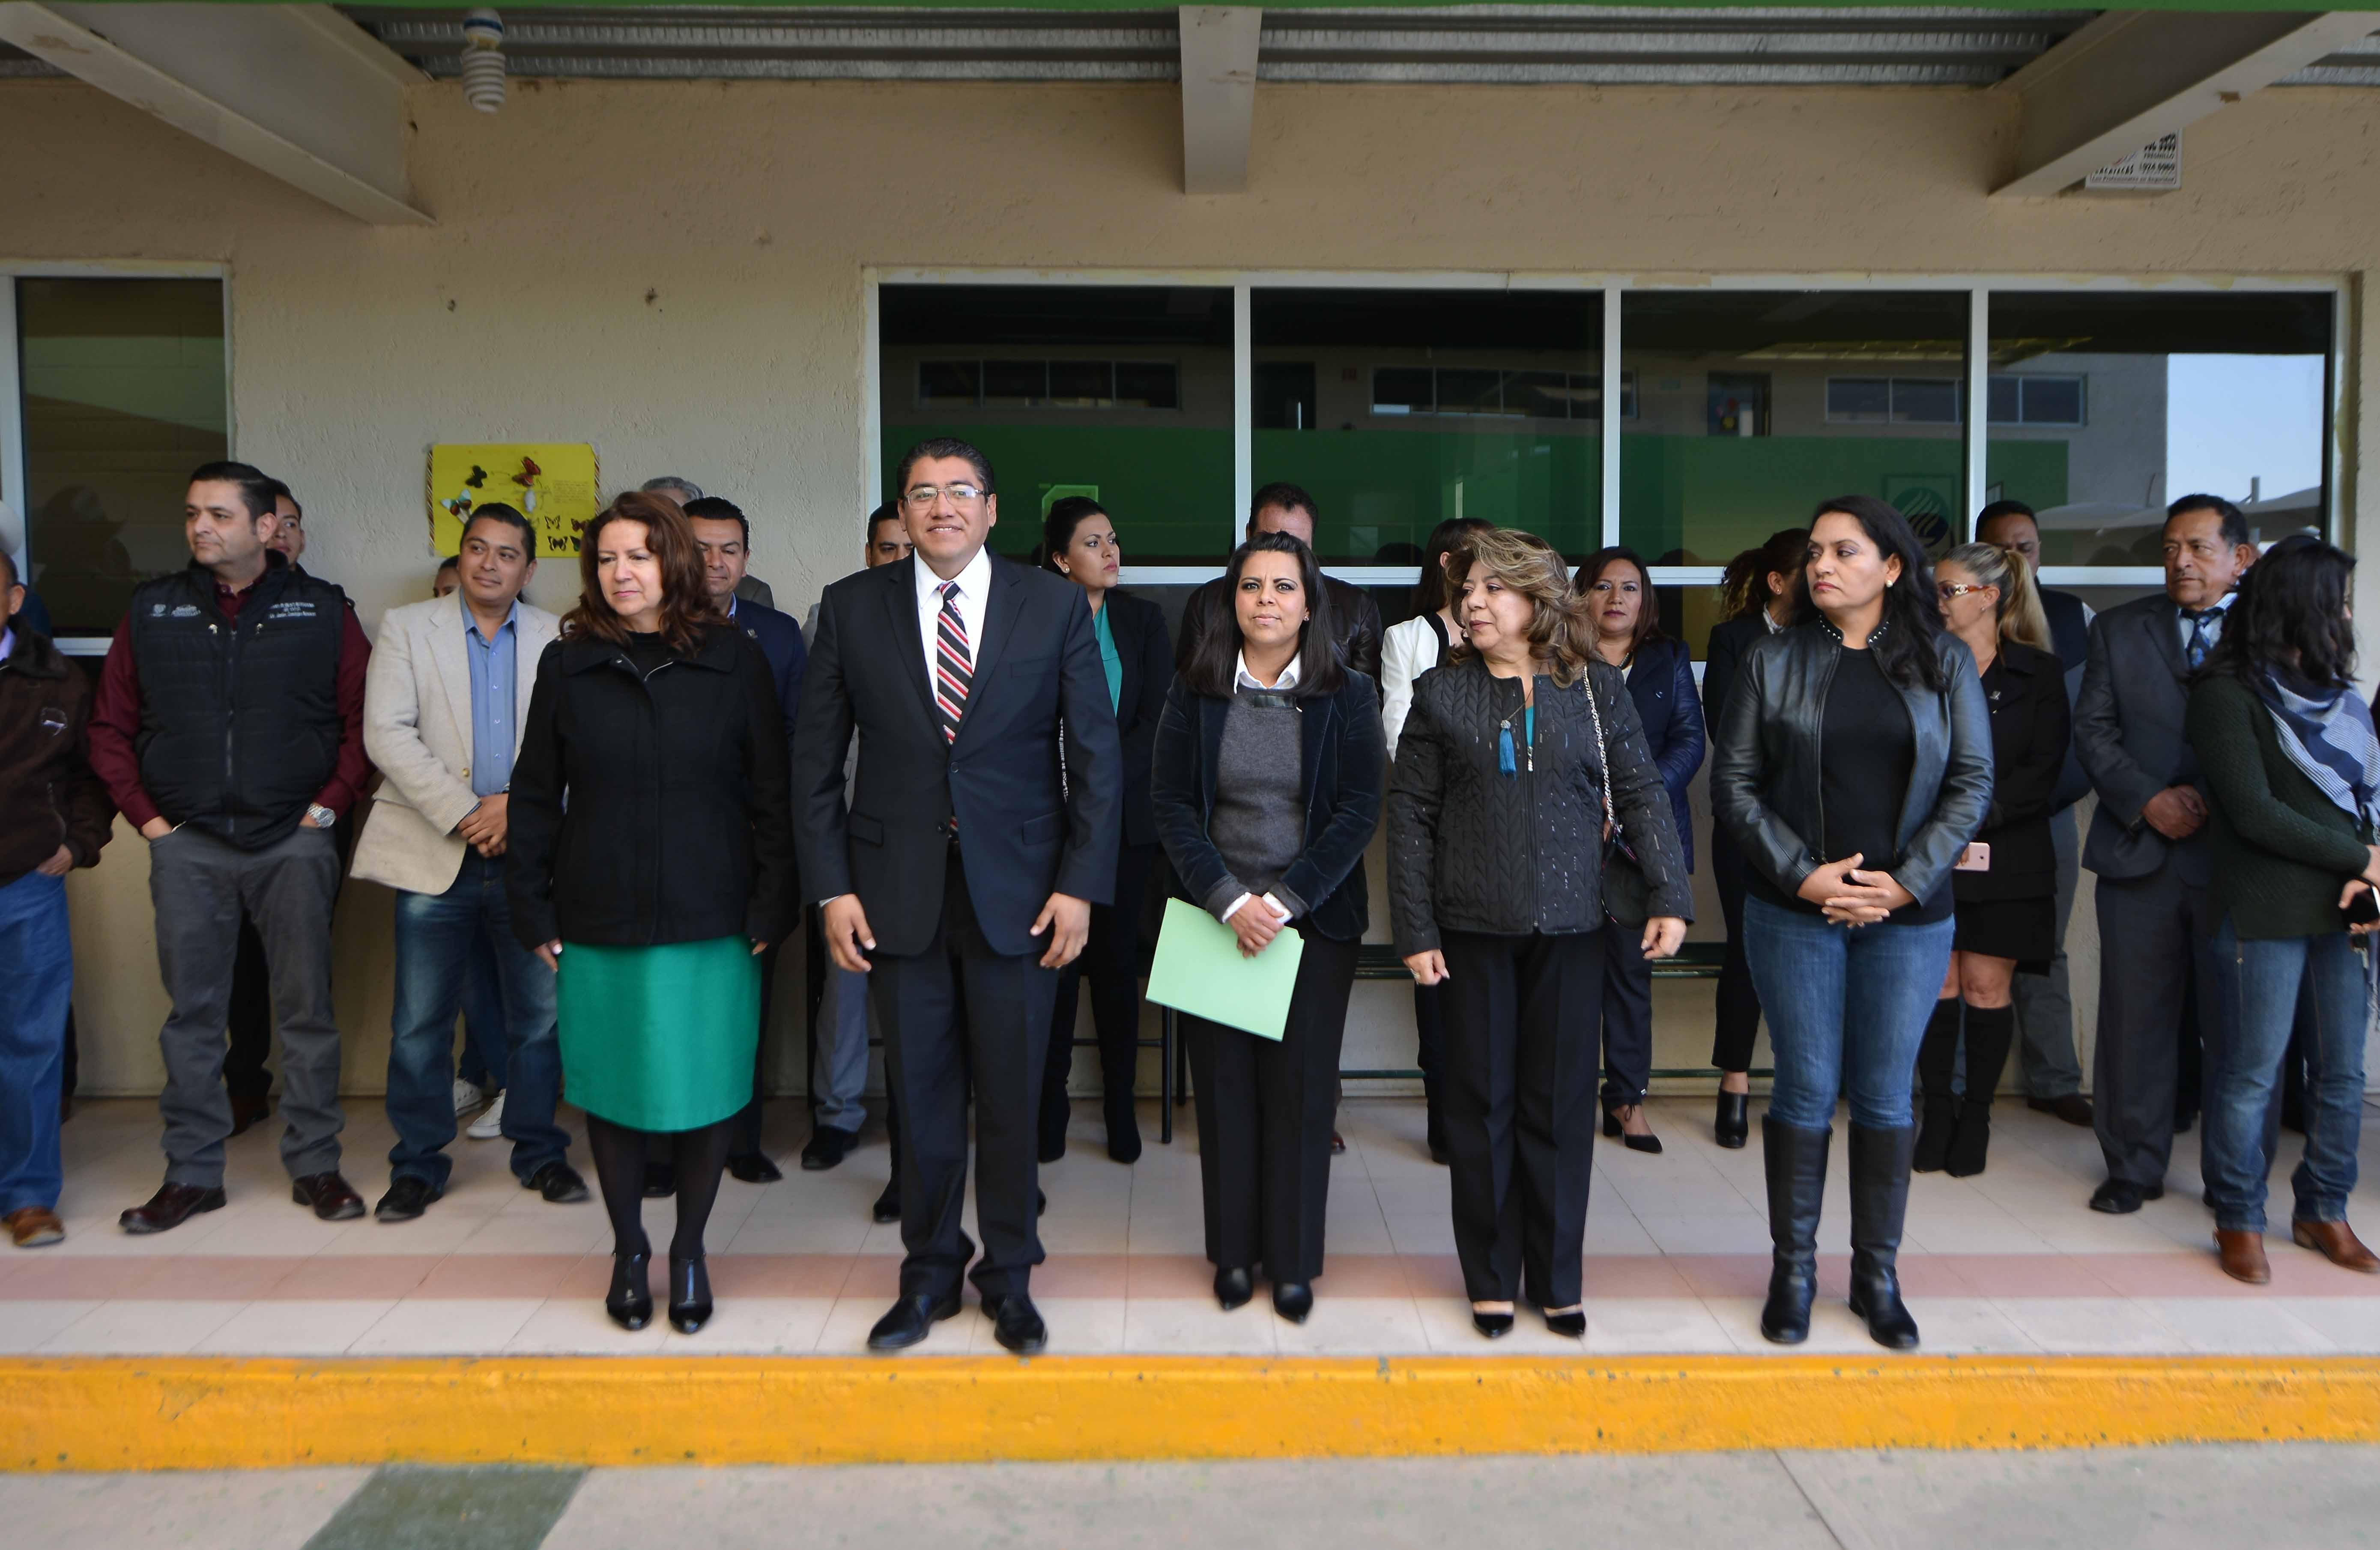 VISITA SAUL MONREAL INSTITUTO ALFRED NOBEL EN EL SALUDO A LA BANDERA